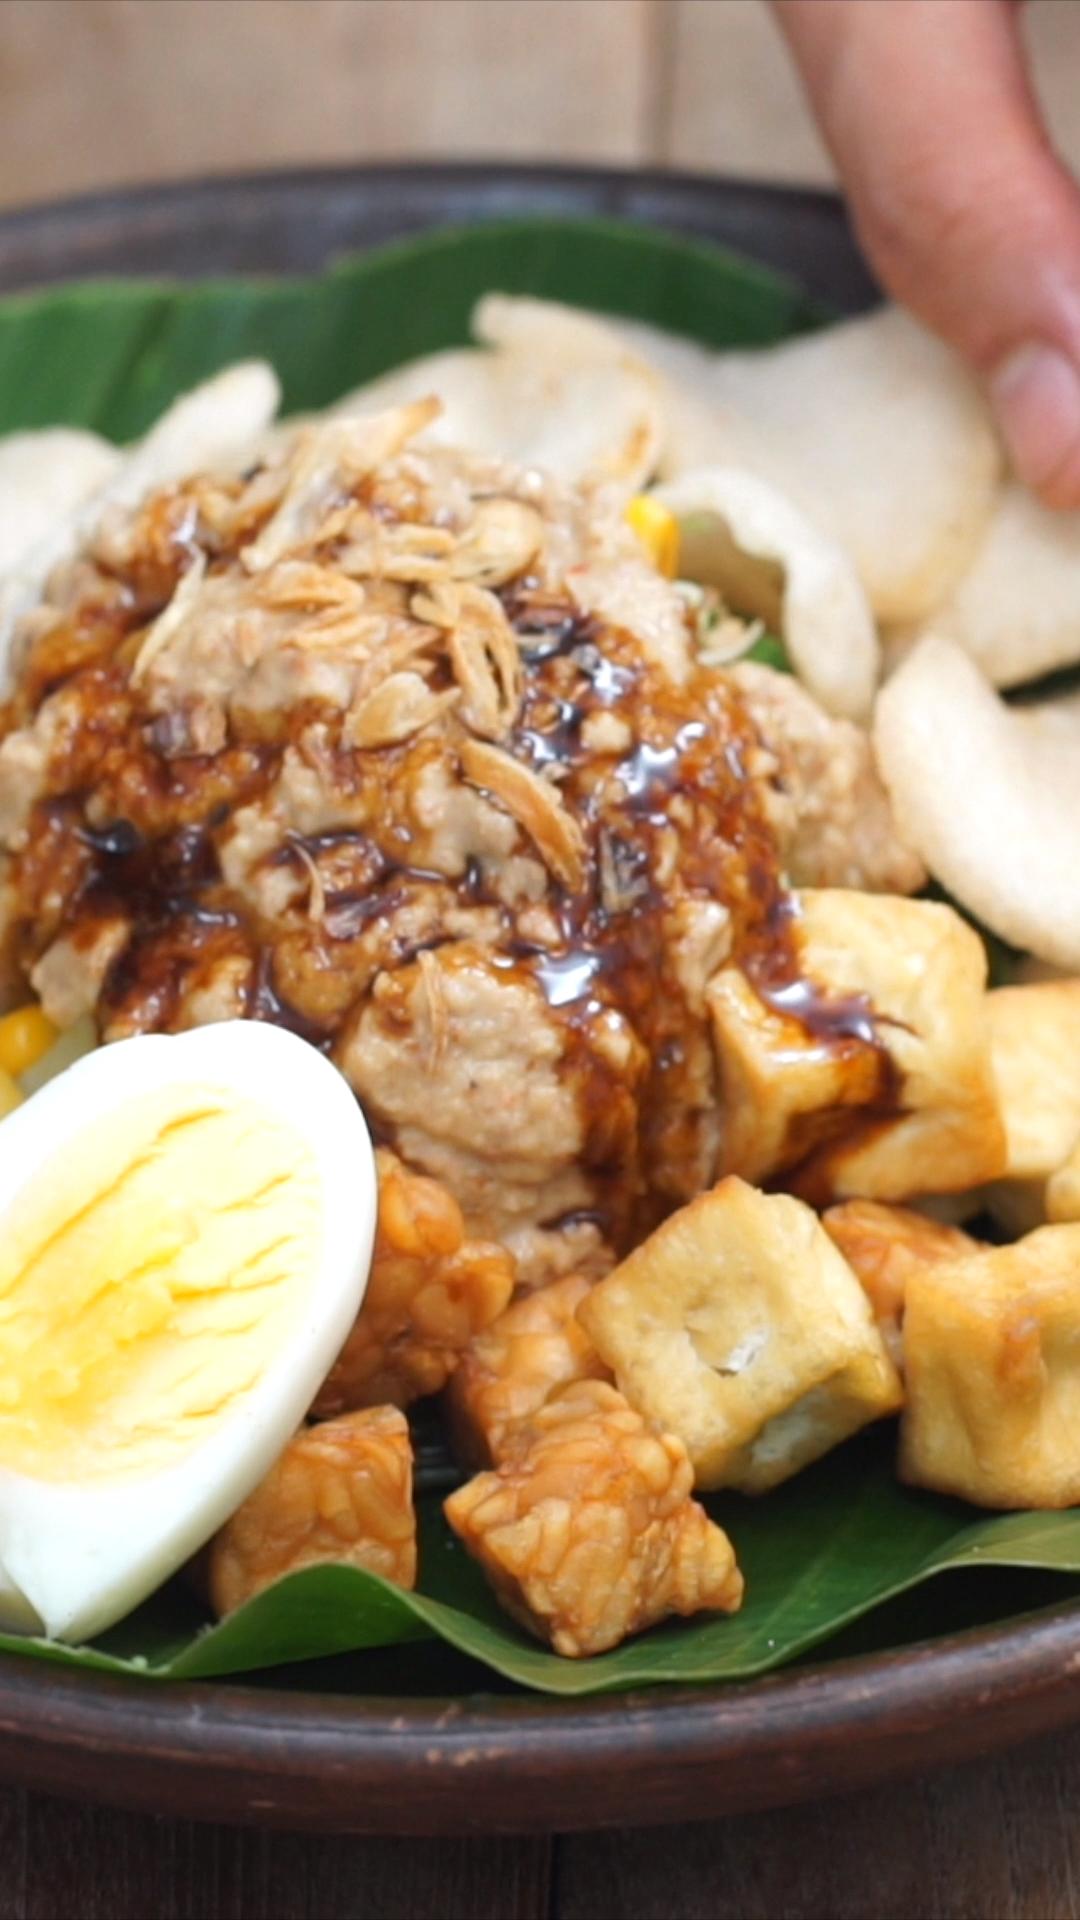 Gado-gado atau Salad Jawa merupakan hidangan sepinggan yang berasal dari daerah Jawa, Indonesia. Terdiri dari sayuran matang dan telur yang telah direbus, tempe tahu goreng yang kemudian dipotong-potong lalu disiram dengan saus kacang yang pedas gurih dan segar.